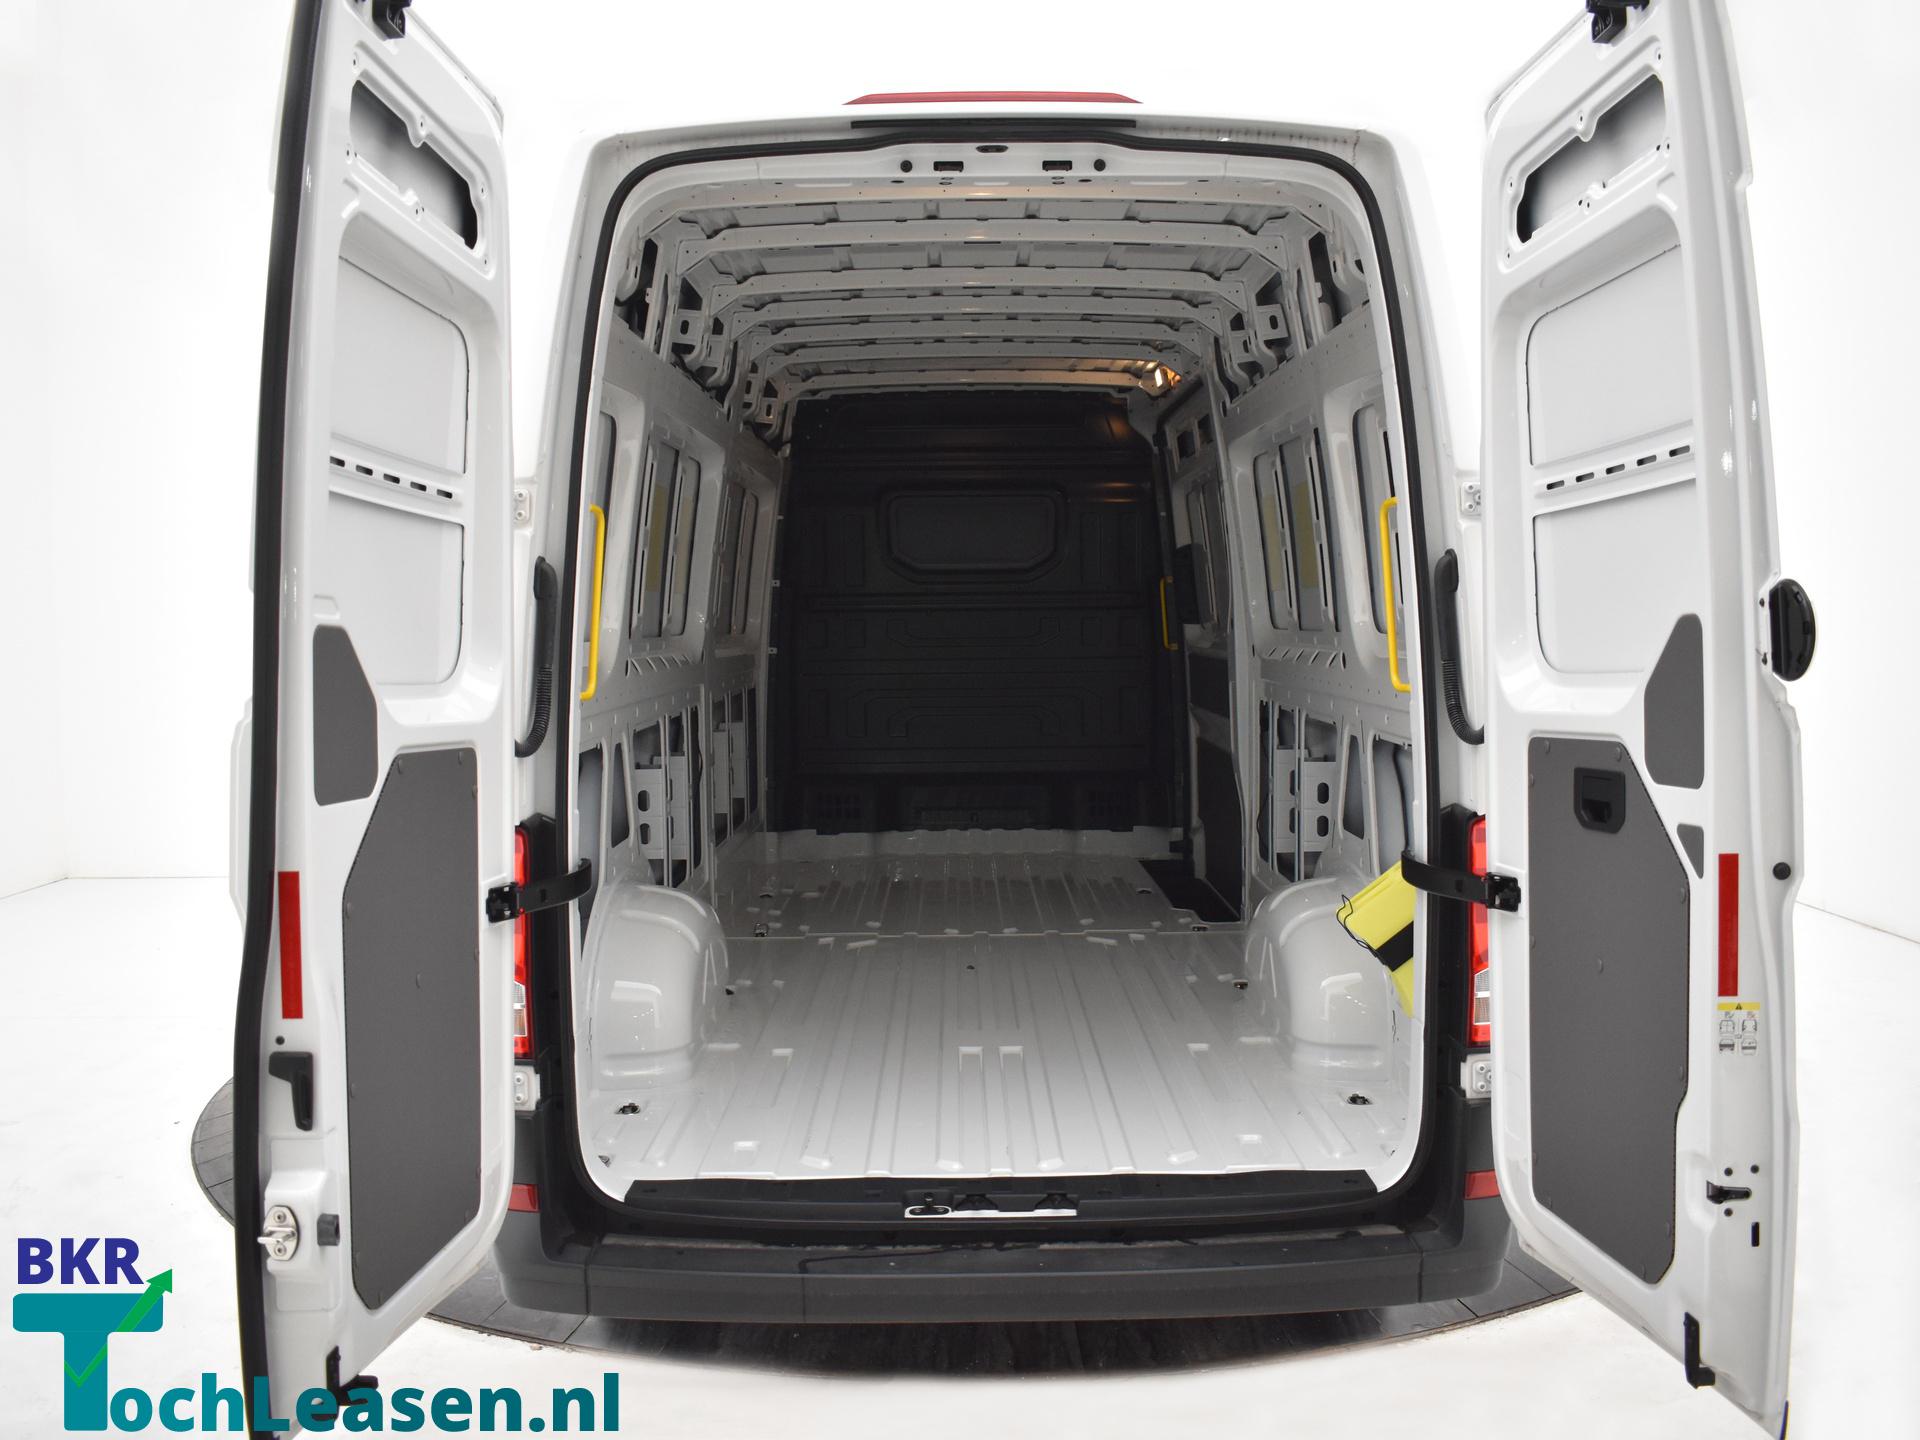 BkrTochLeasen.nl - Witte Volkswagen Crafter 4